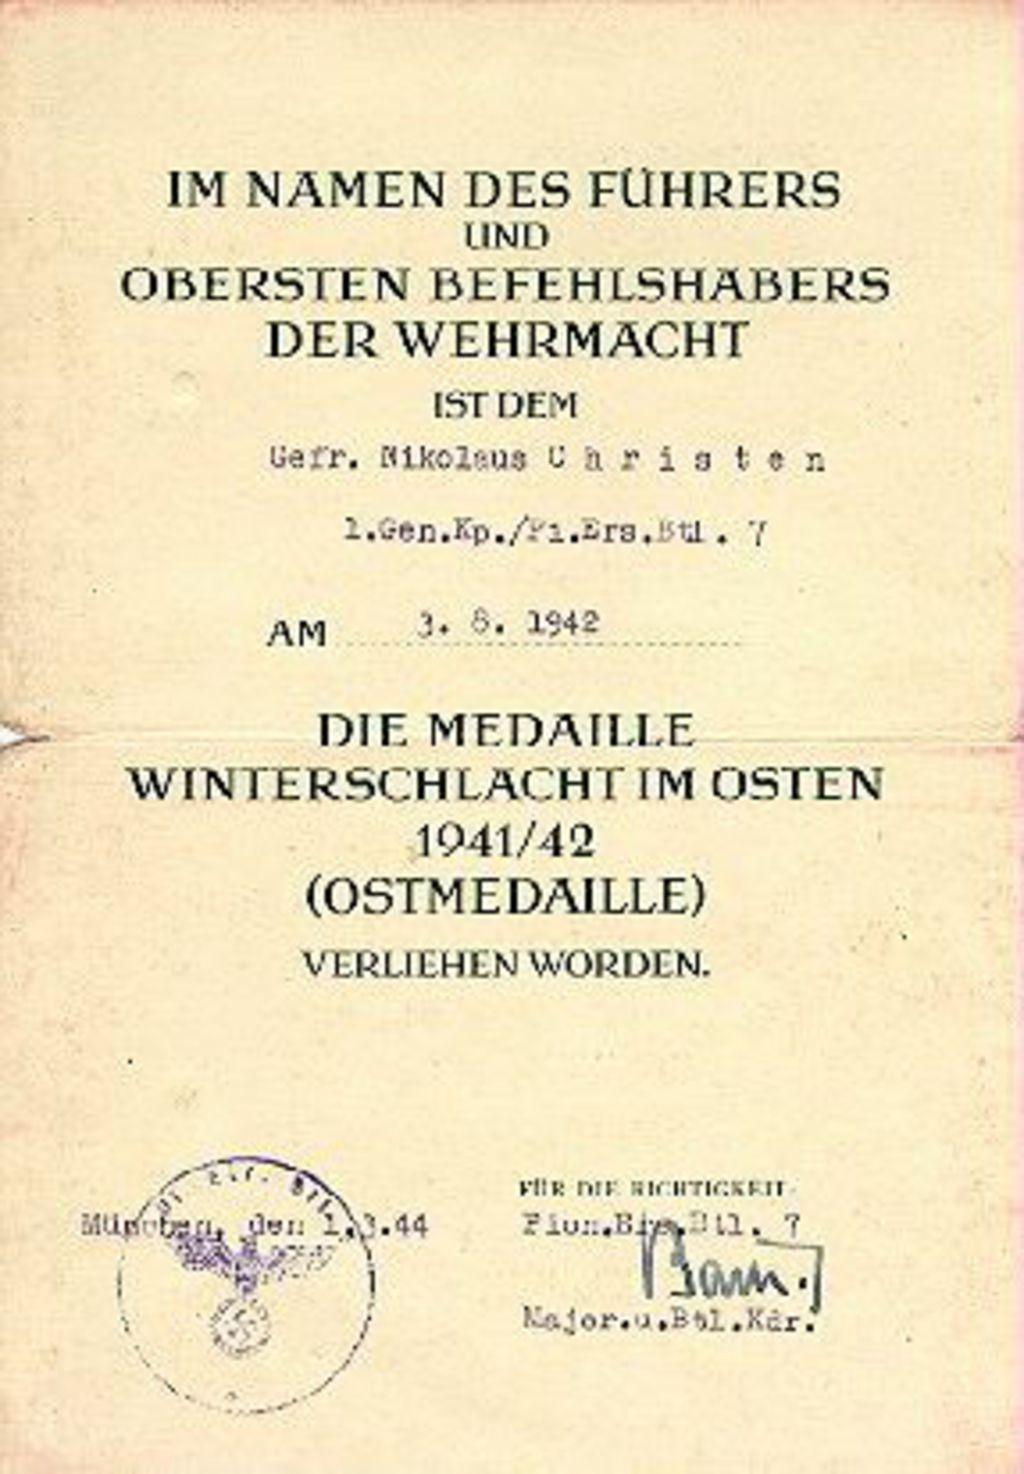 LeMO Bestand - Objekt - Verleihungsurkunde für die Medaille ...